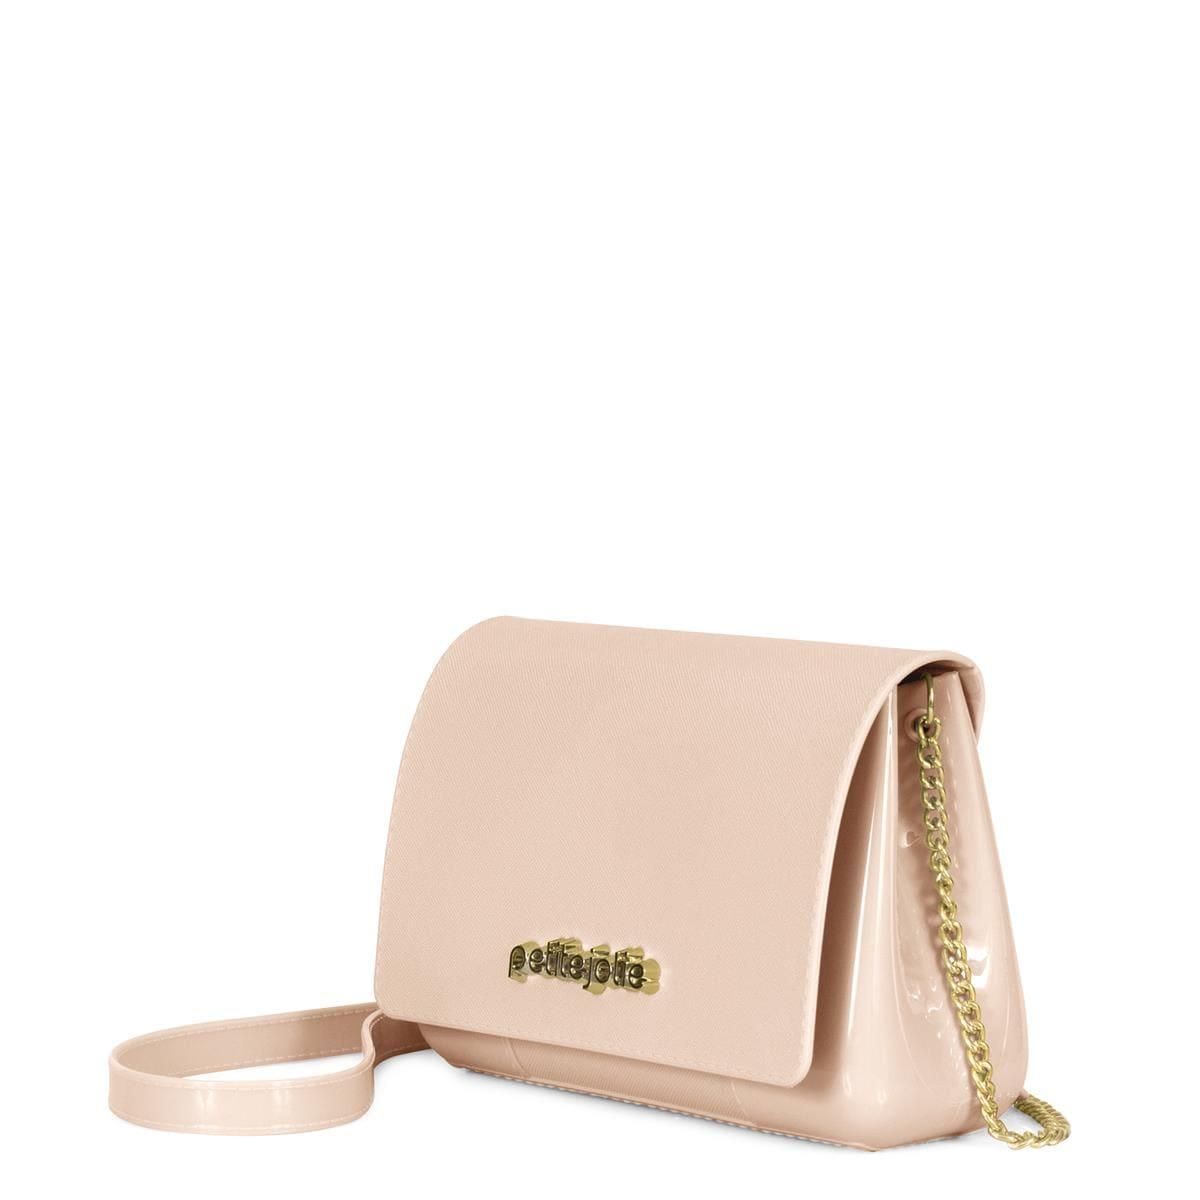 f0577233c Bolsas Petite Jolie 100% Originais e Preços Incríveis